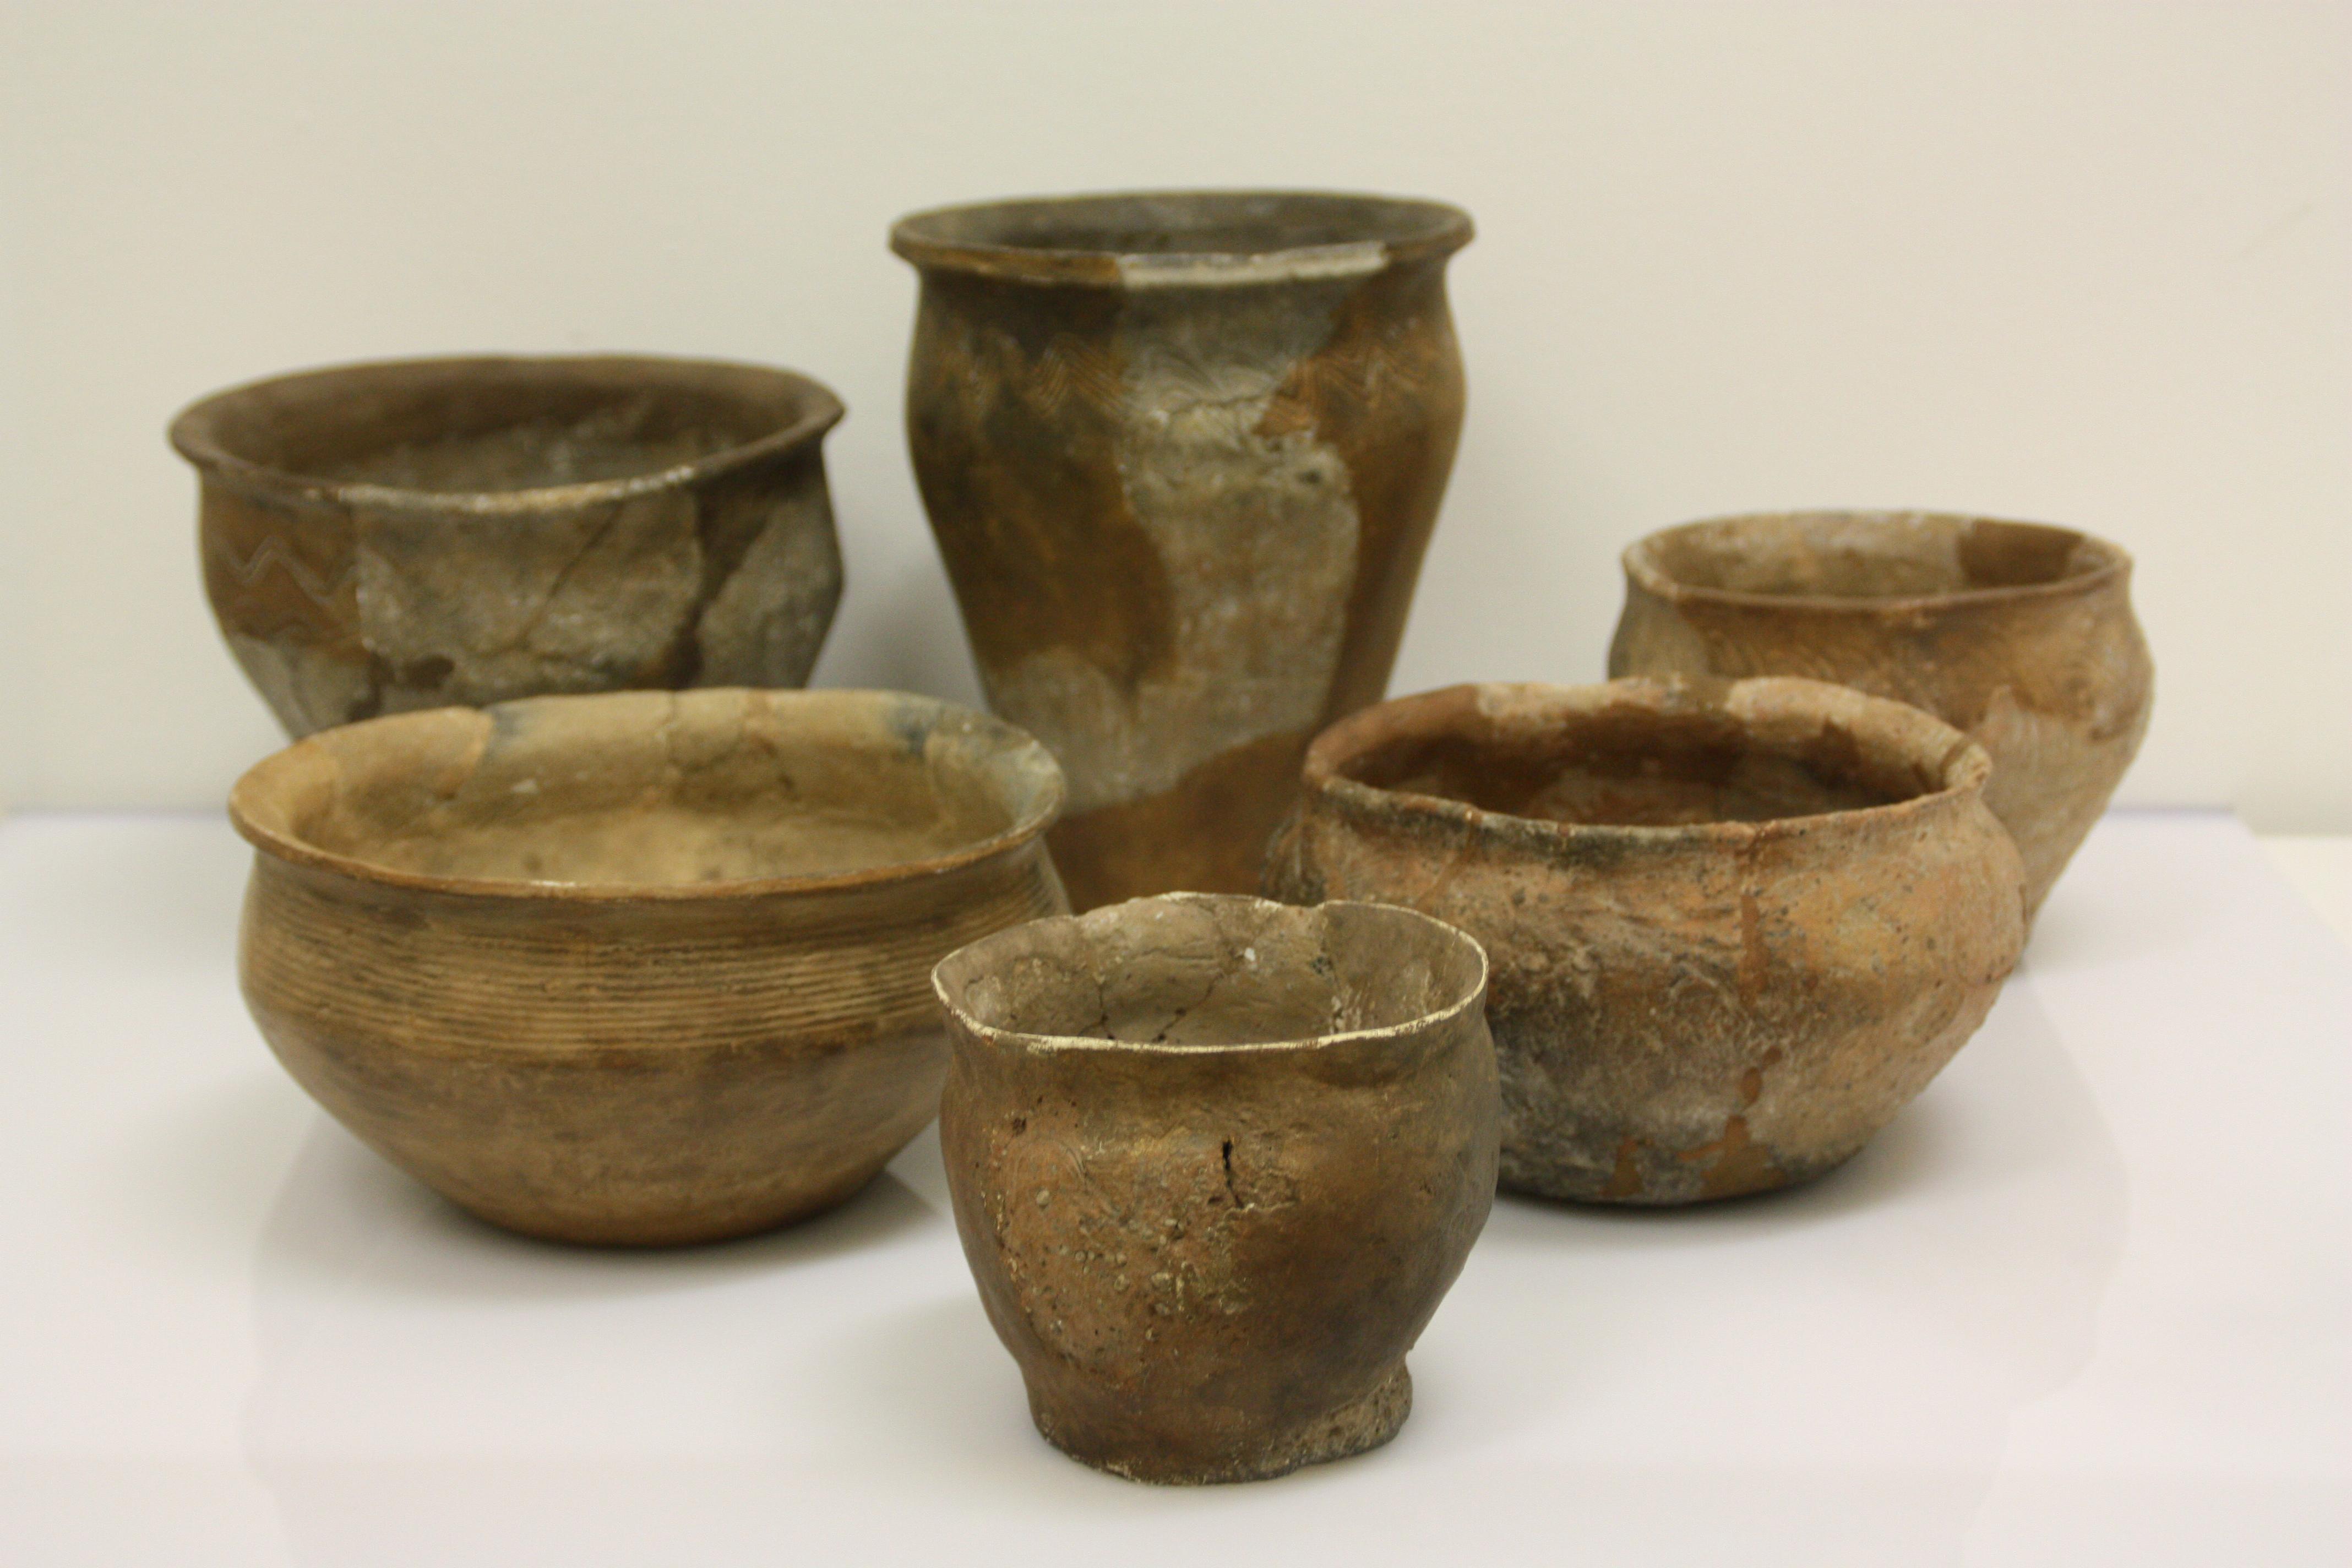 keramik Datei:Jena Lobeda, Johannisberg, Fruehmittelalterliche Keramik  keramik